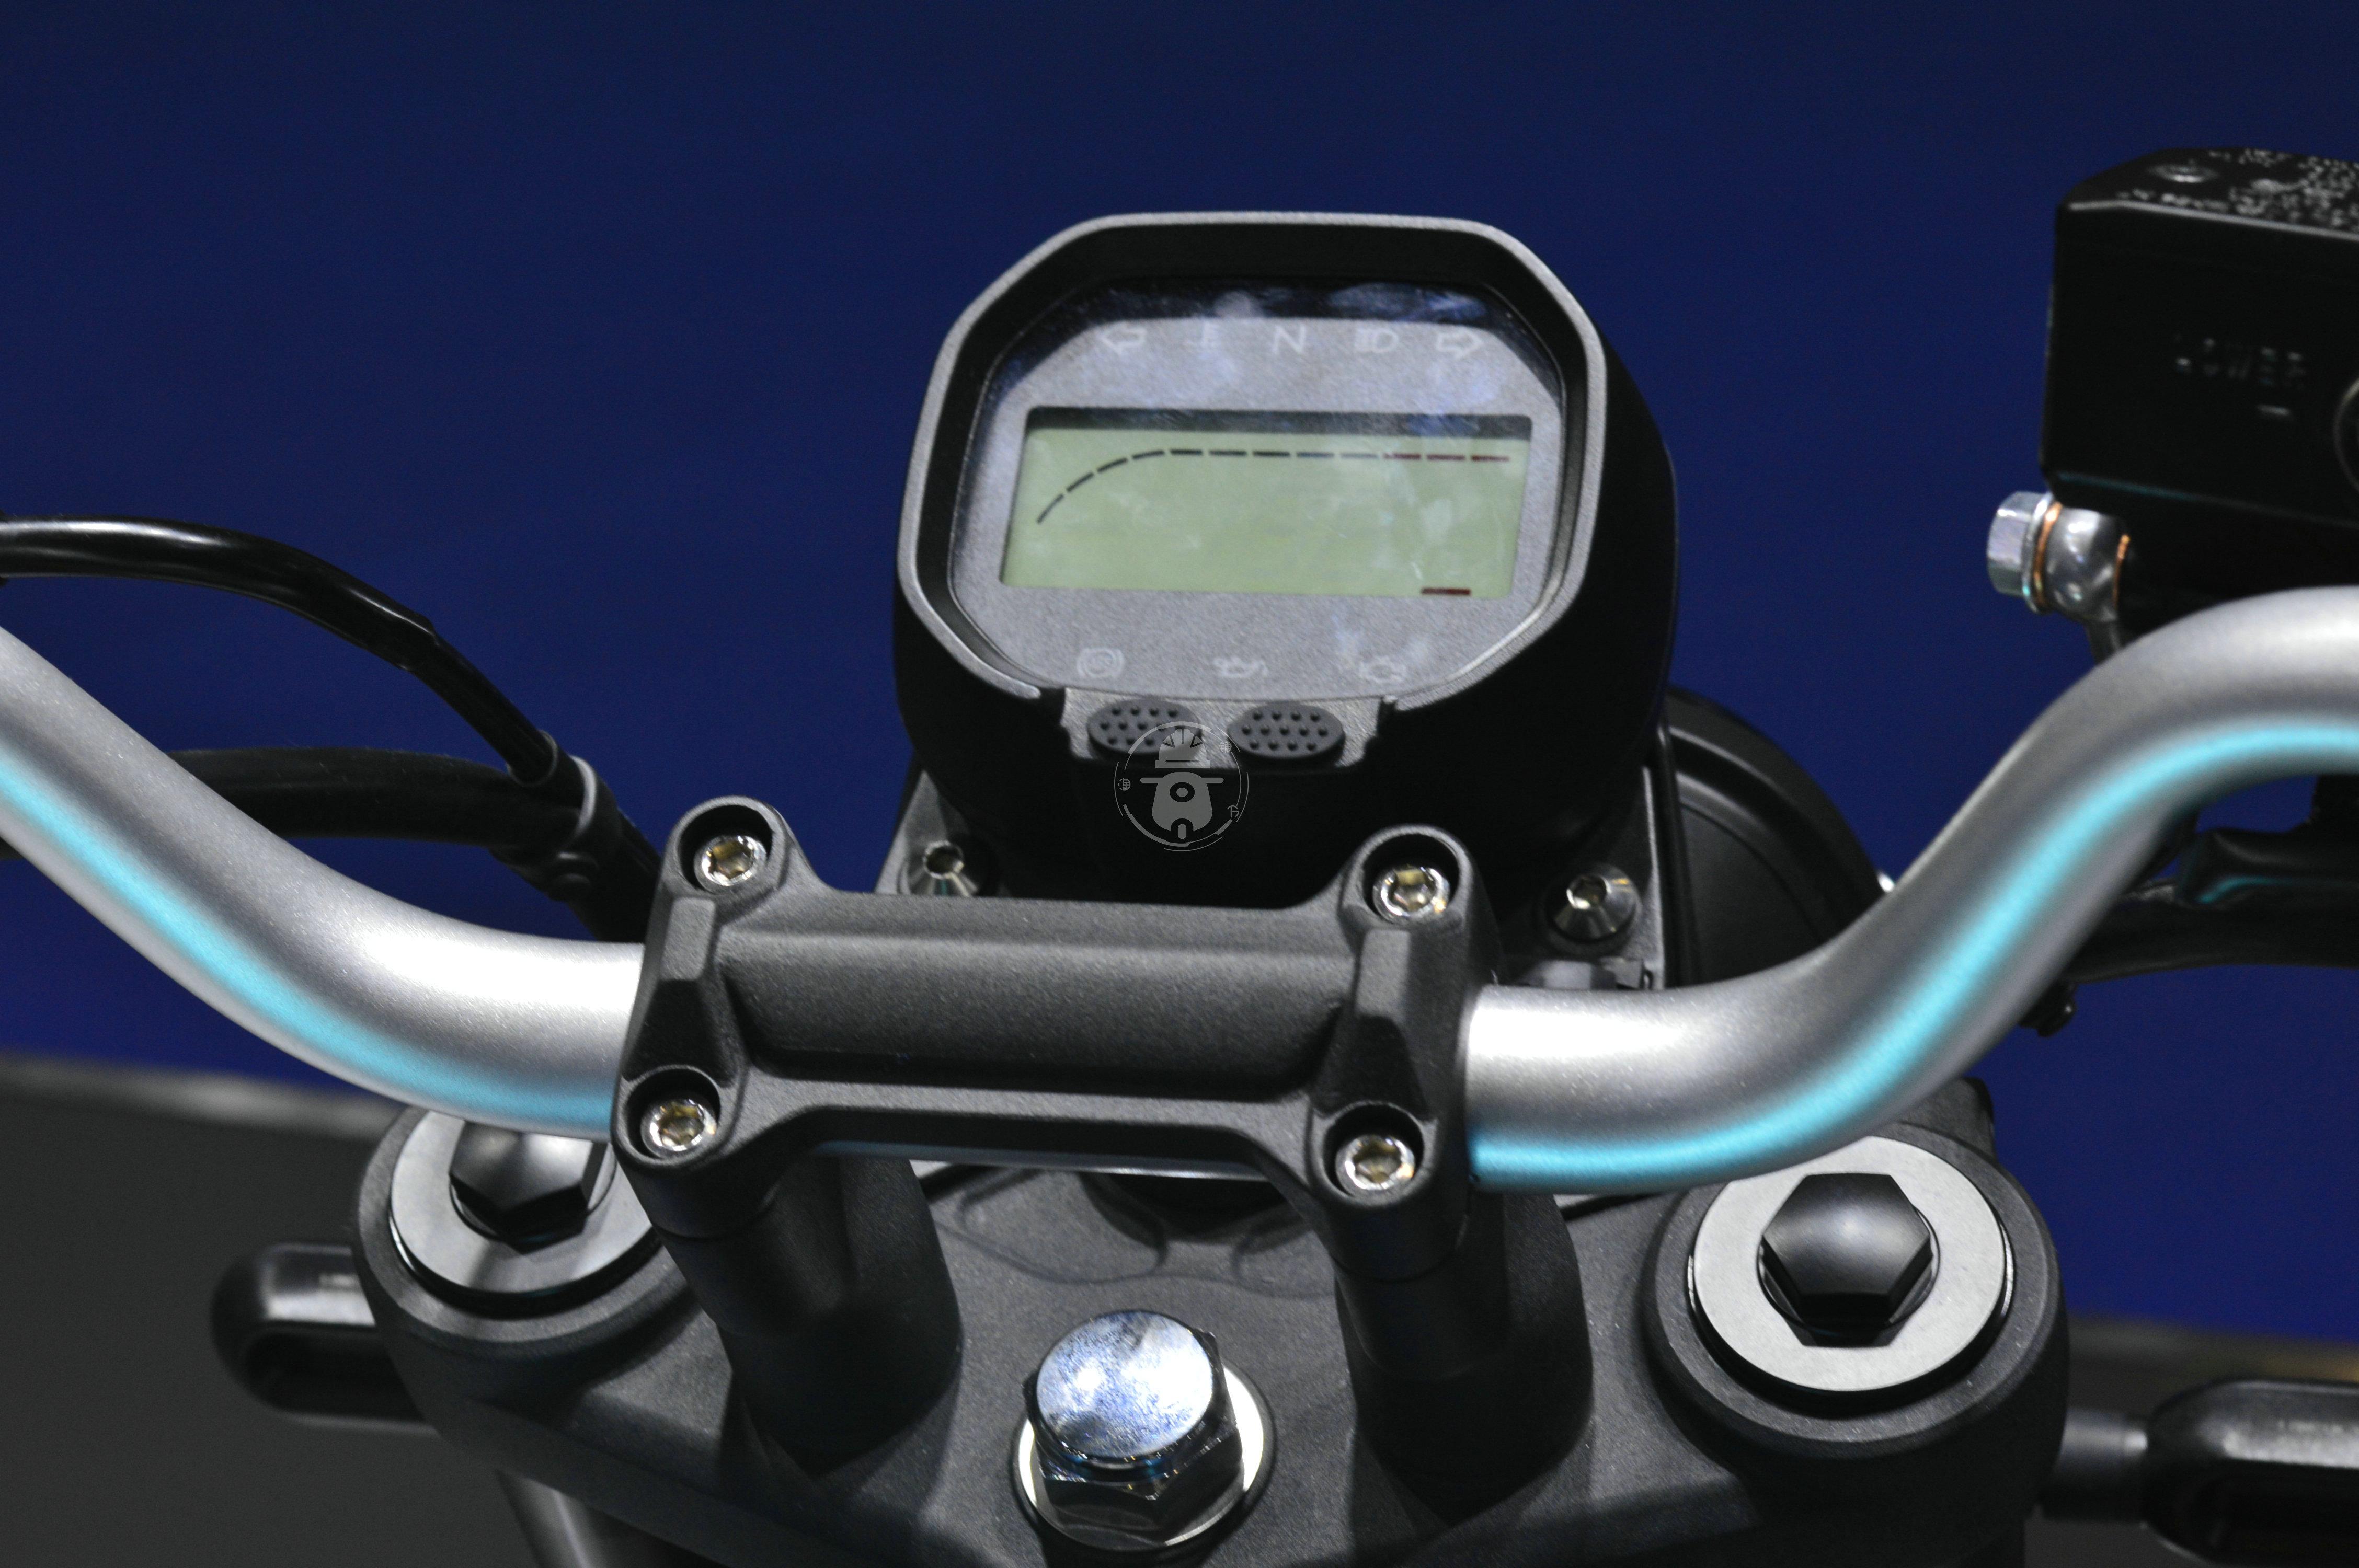 无极300AC改款 更时尚精致 动力略有提升-第8张图片-春风行摩托车之家